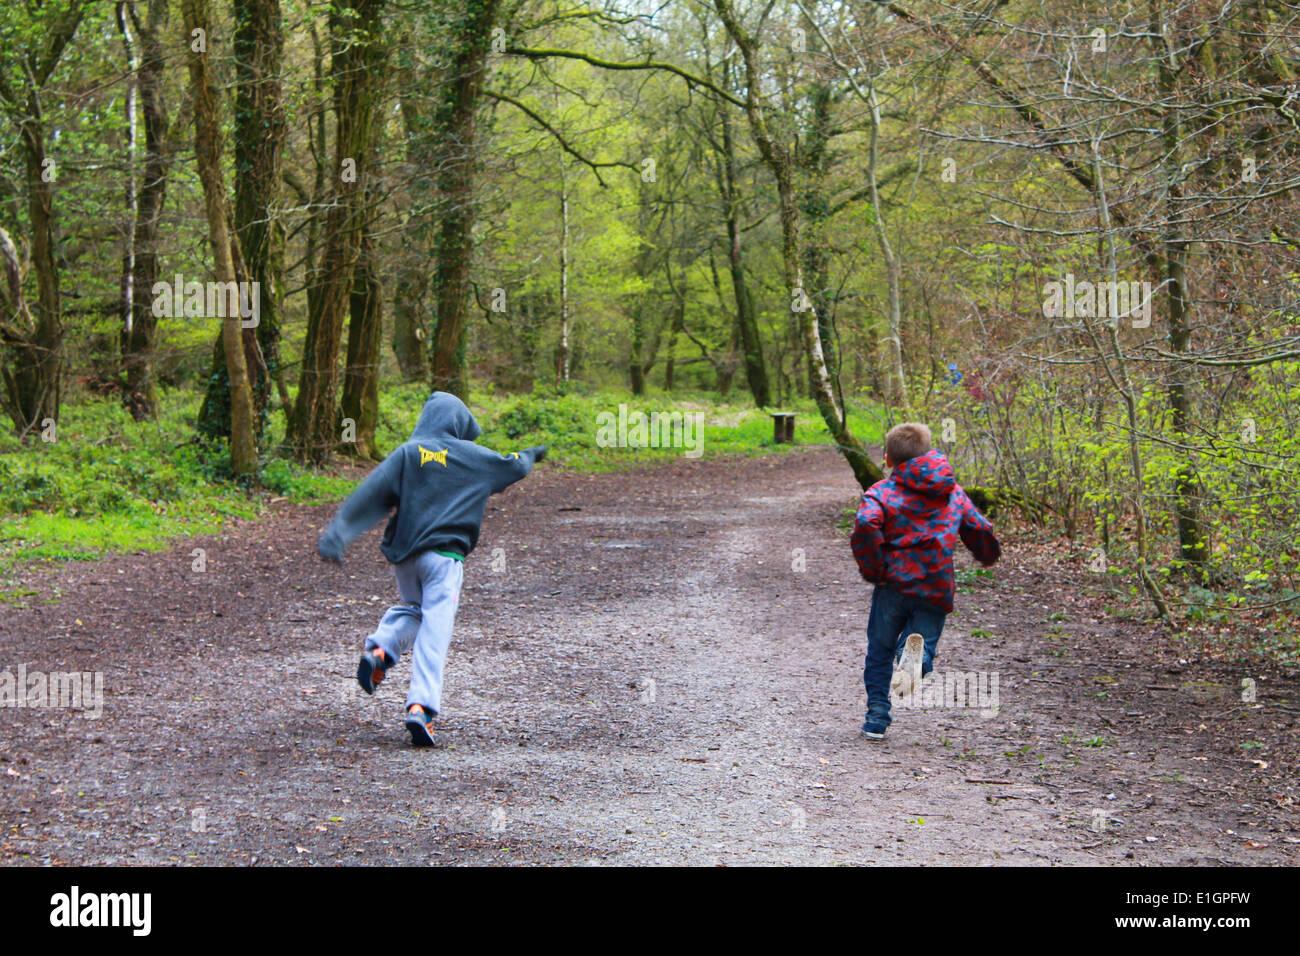 Los niños salir corriendo en una pista forestal Imagen De Stock